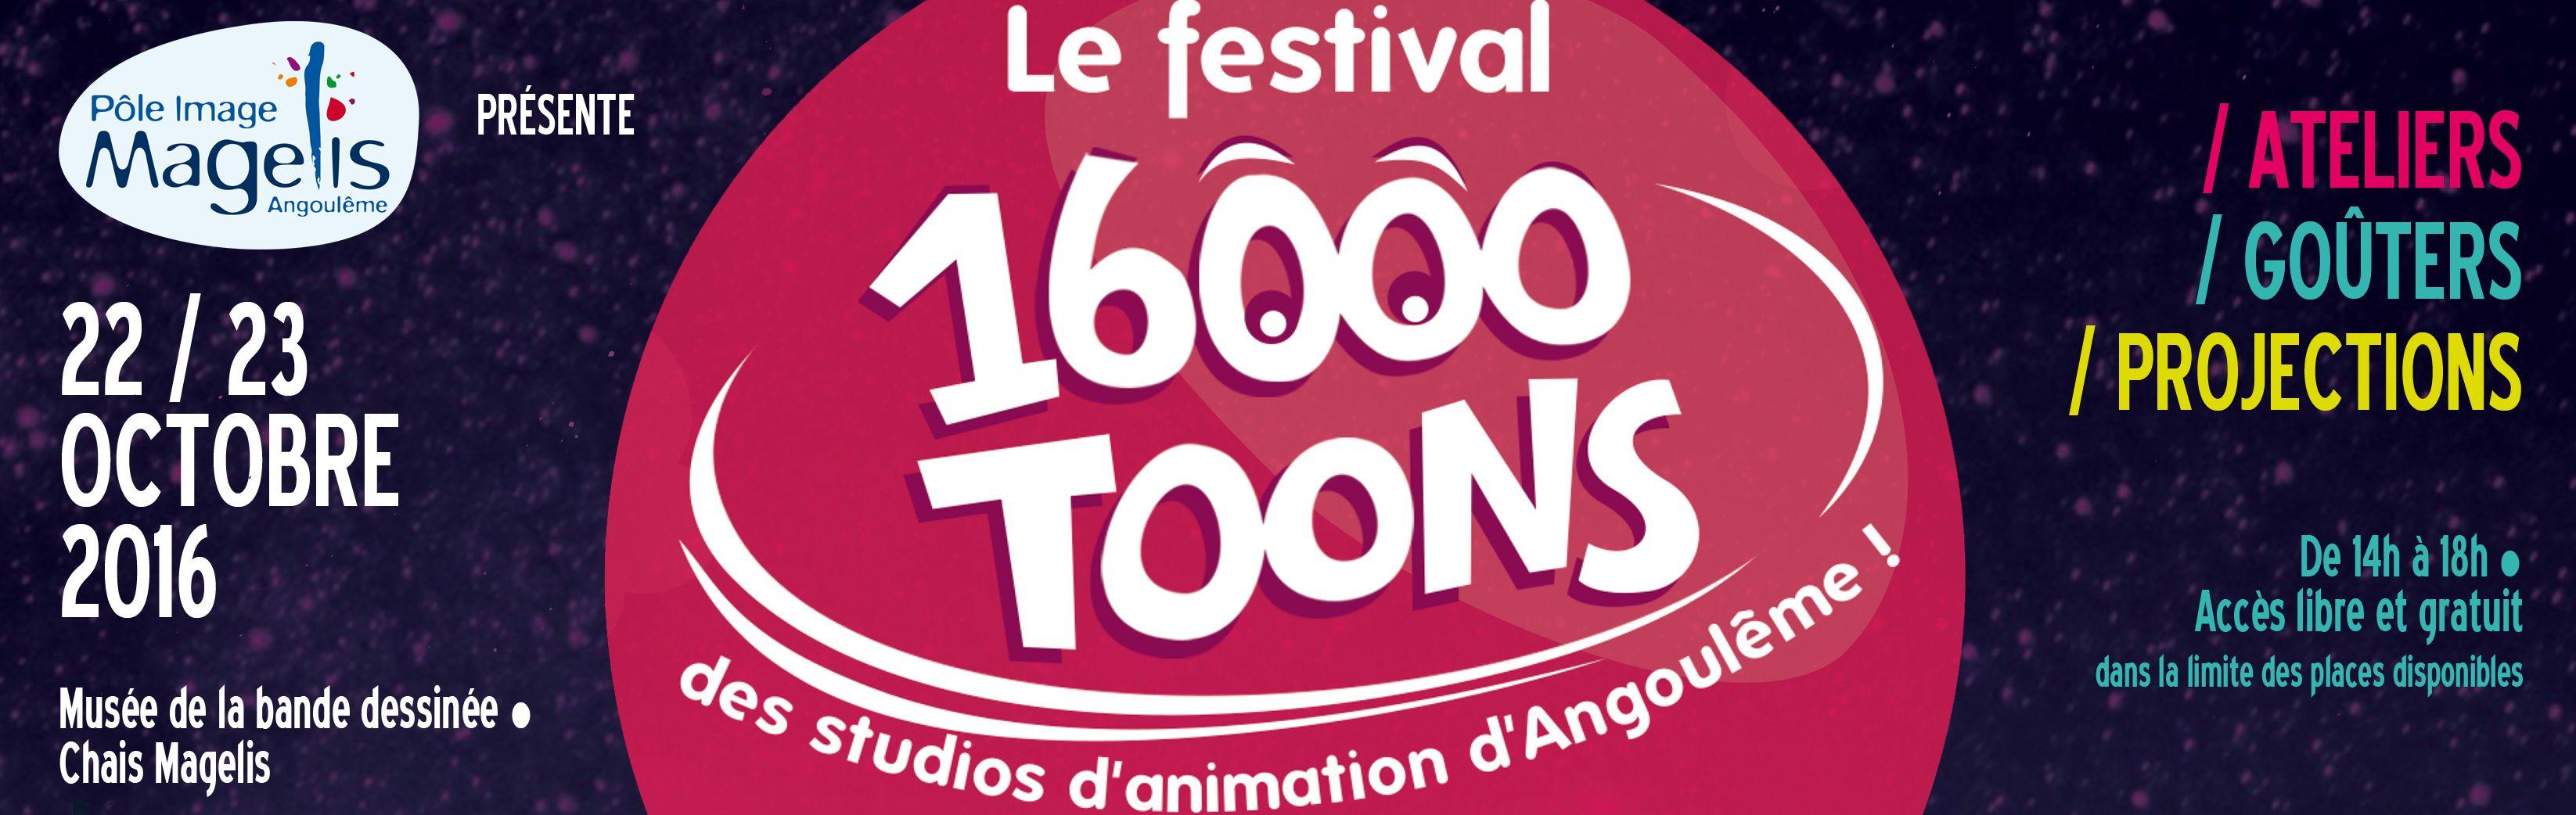 slide-16000-toons